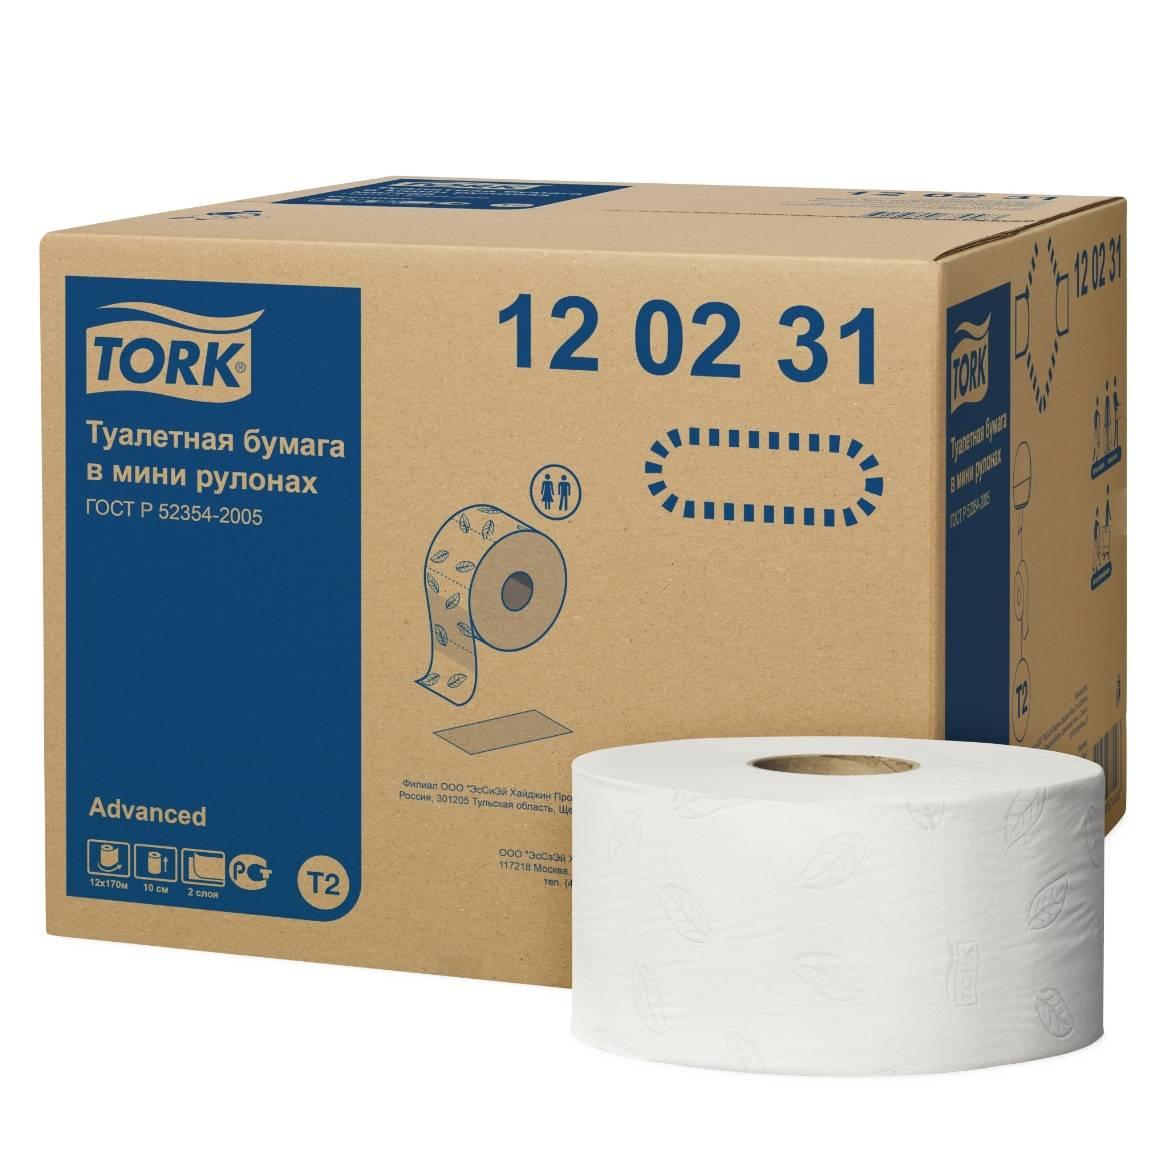 Бумага туал. 2 сл. TORK ADVANCED T2 170 м 1 шт белый 1214 л.